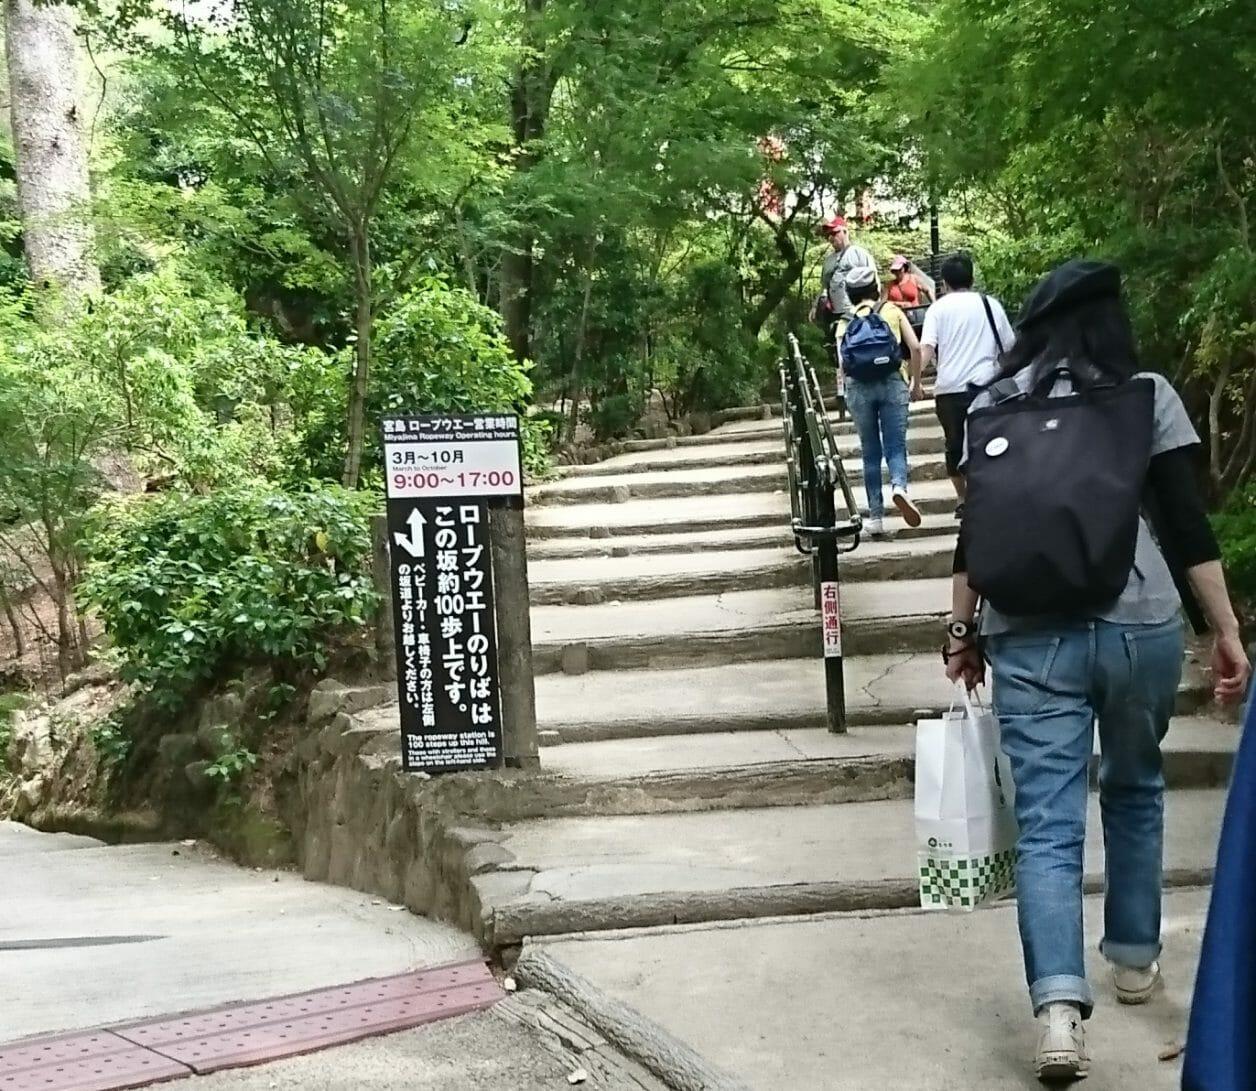 宮島ロープウェイ乗り場に続く道